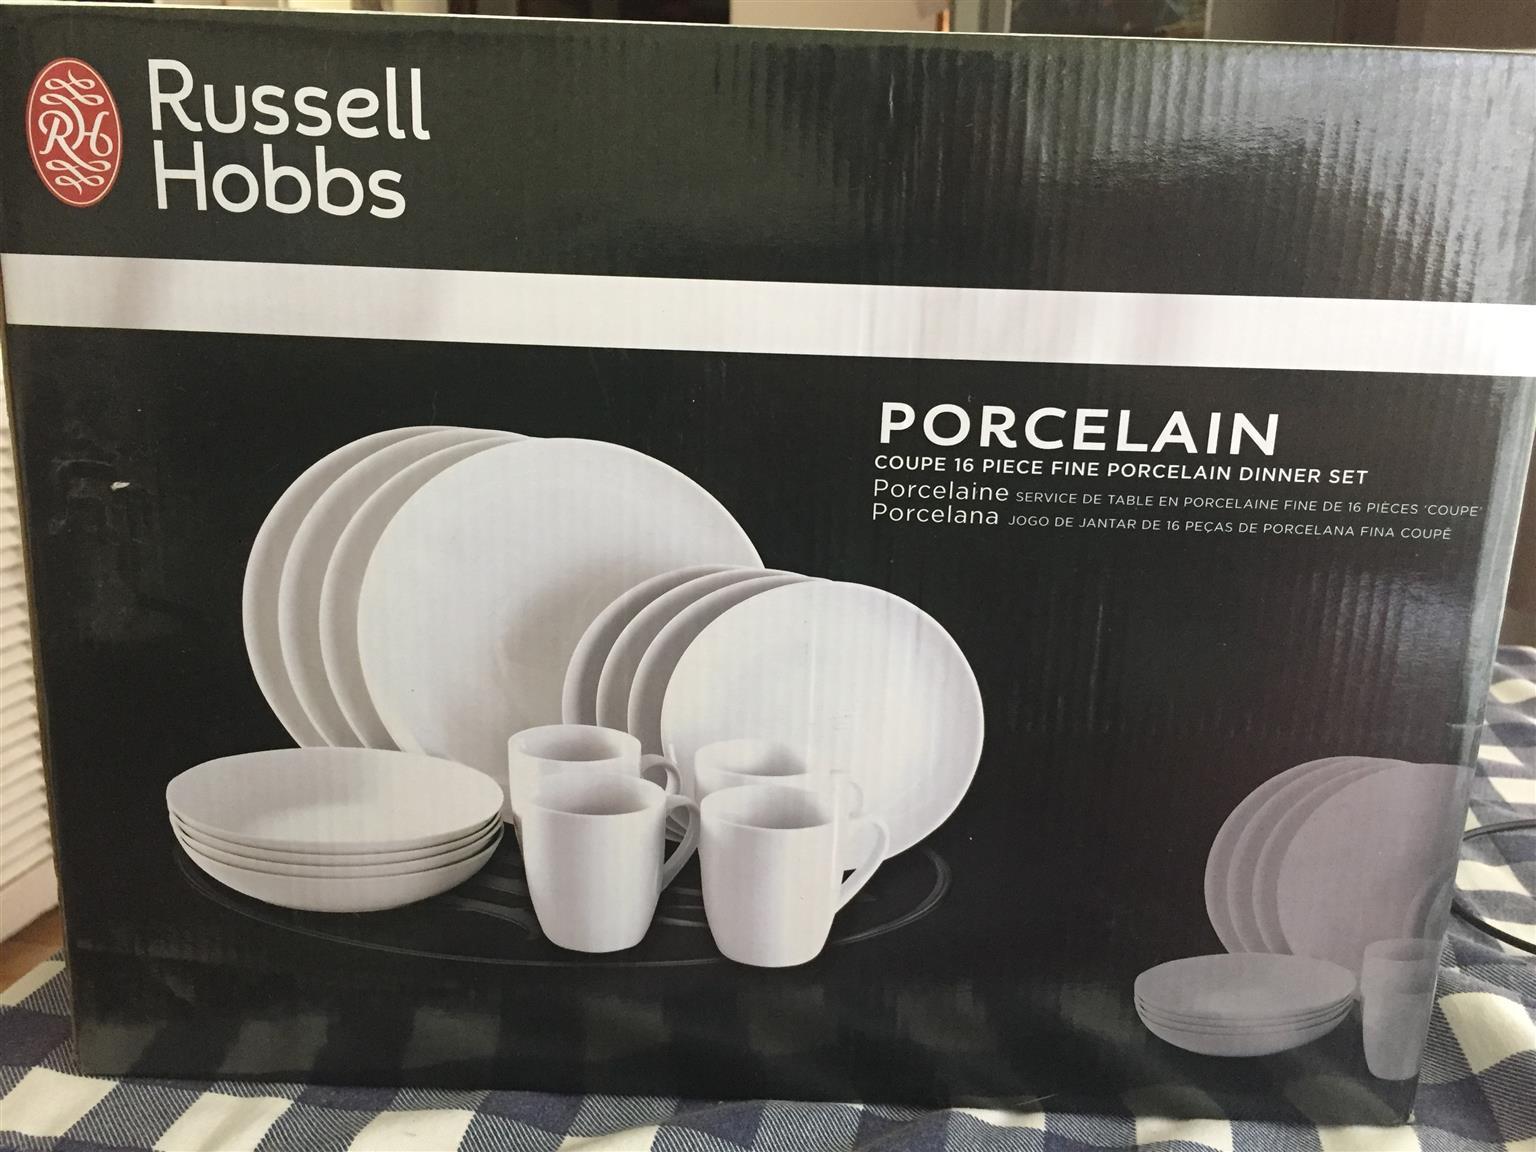 RUSSELL HOBBS 16 PIECE PORCELAIN DINNER SET